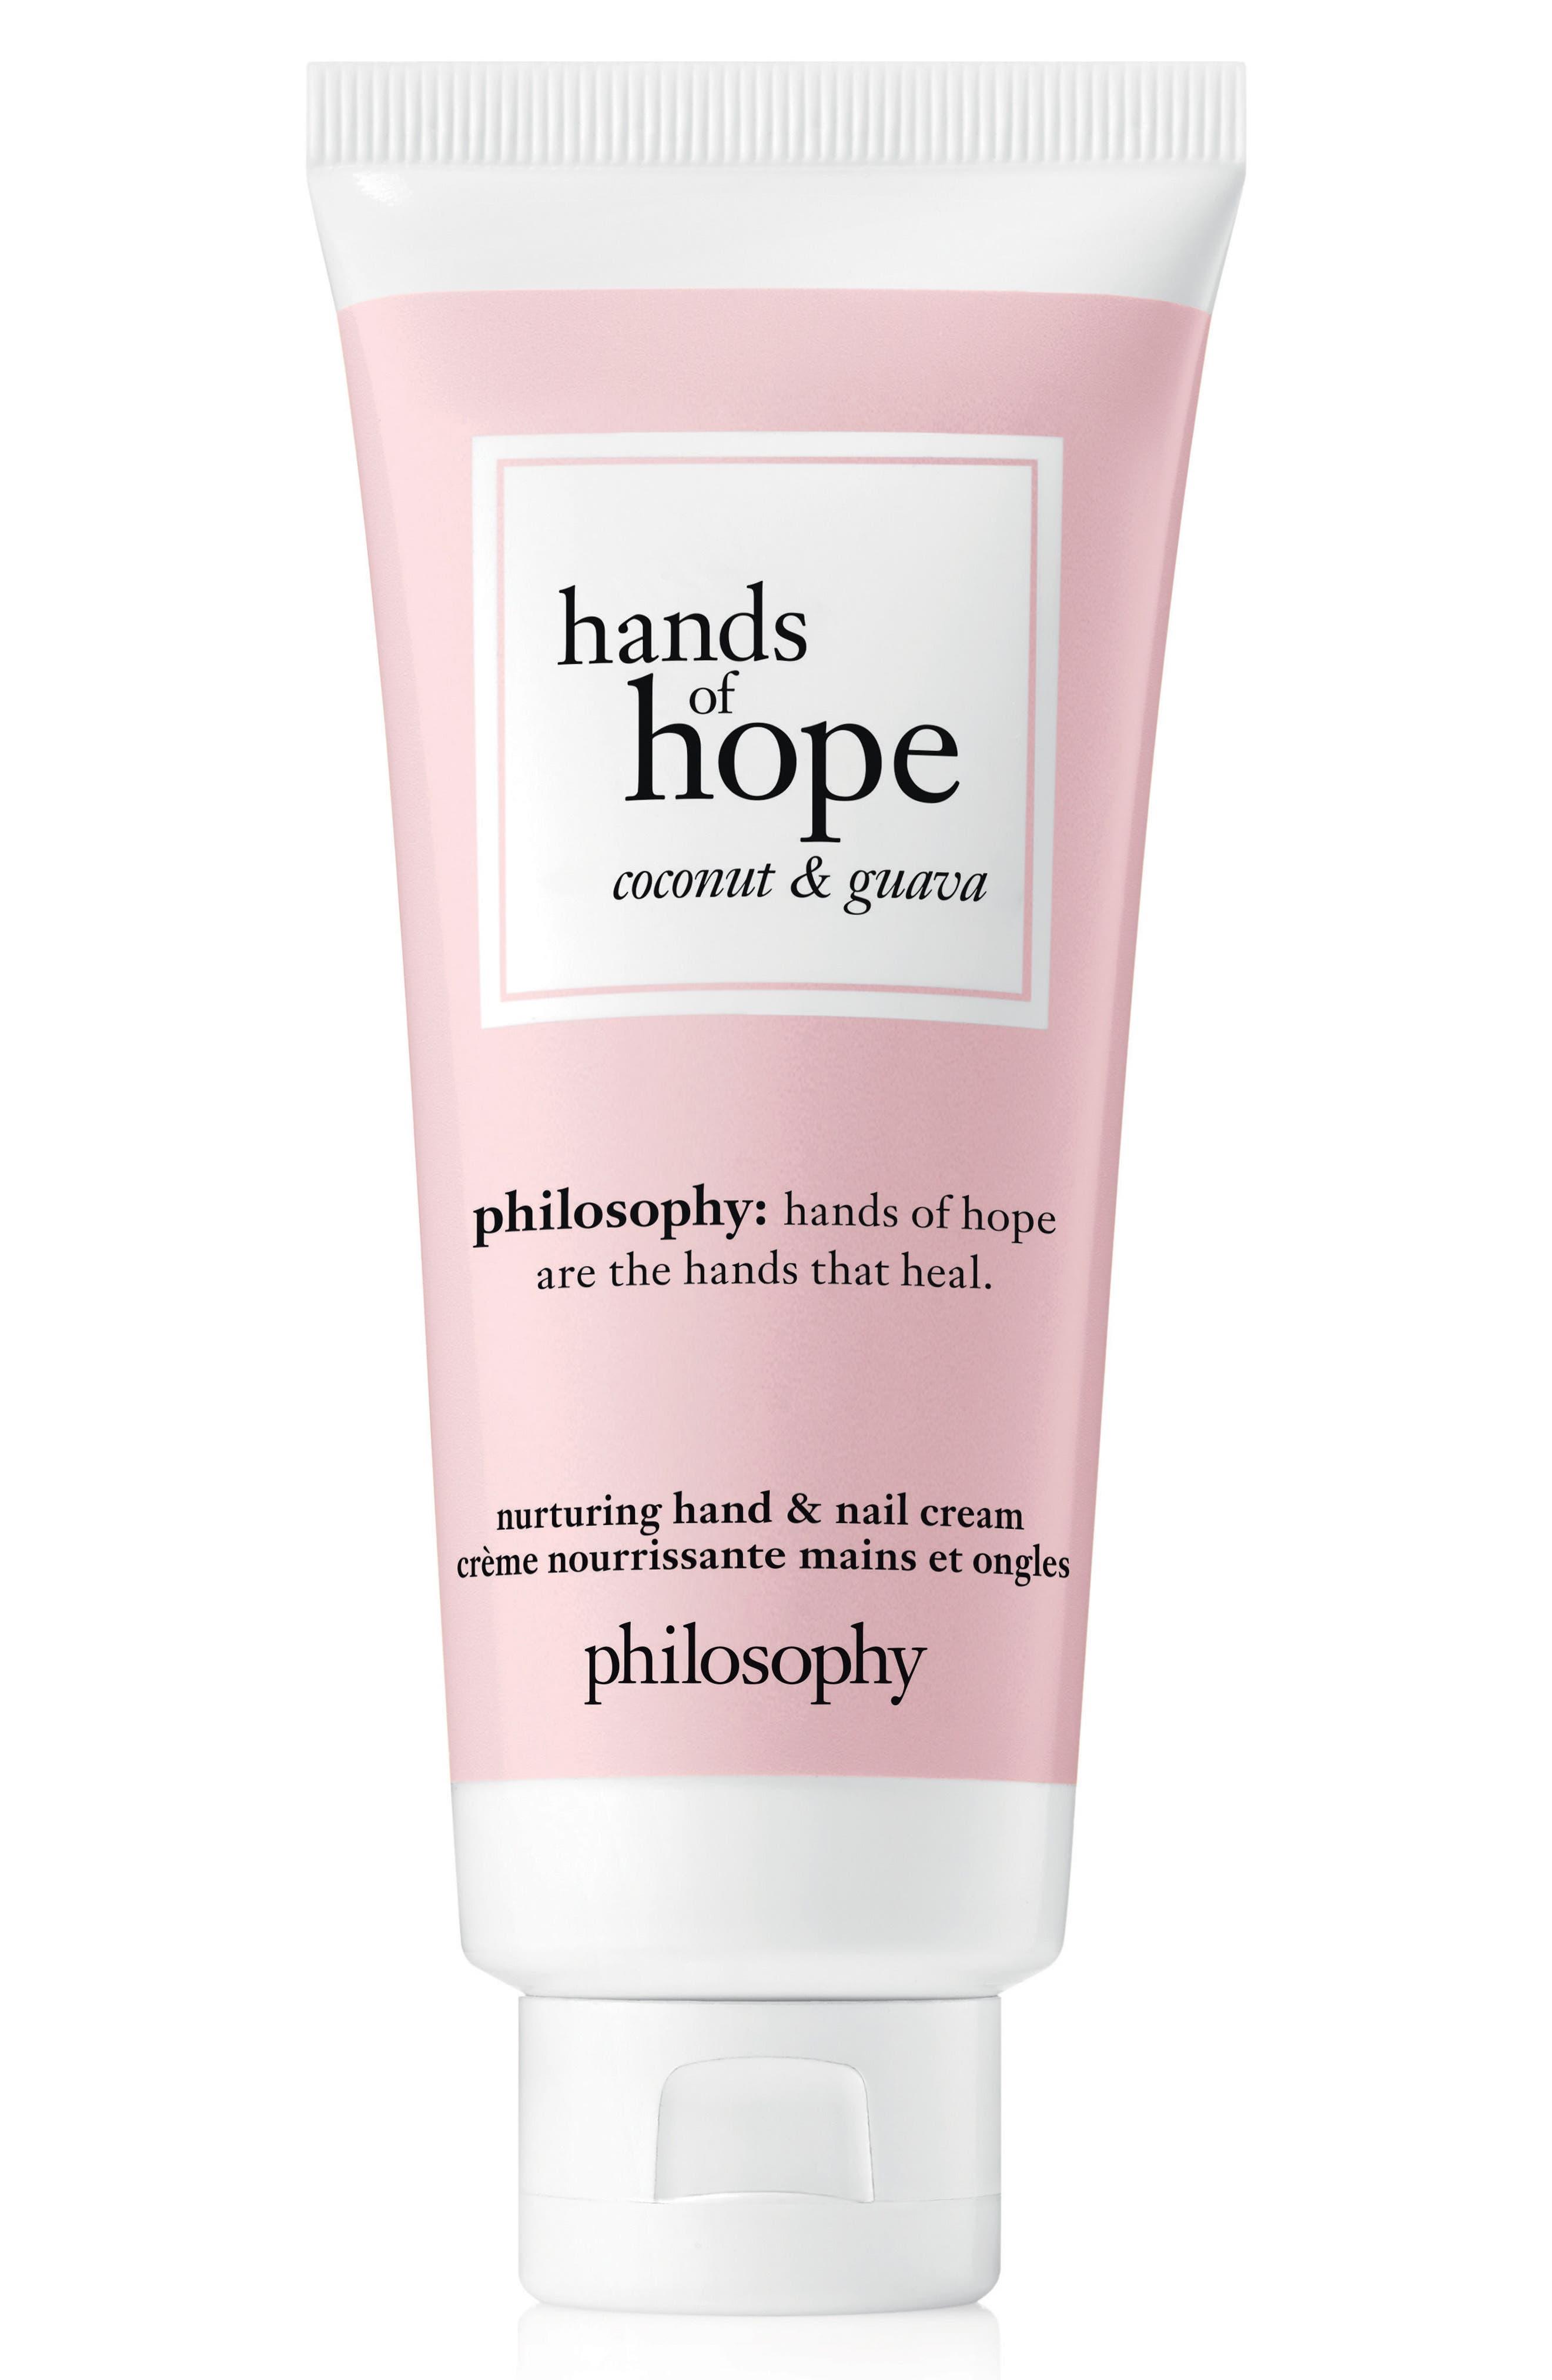 philosophy nurturing hand & nail cream